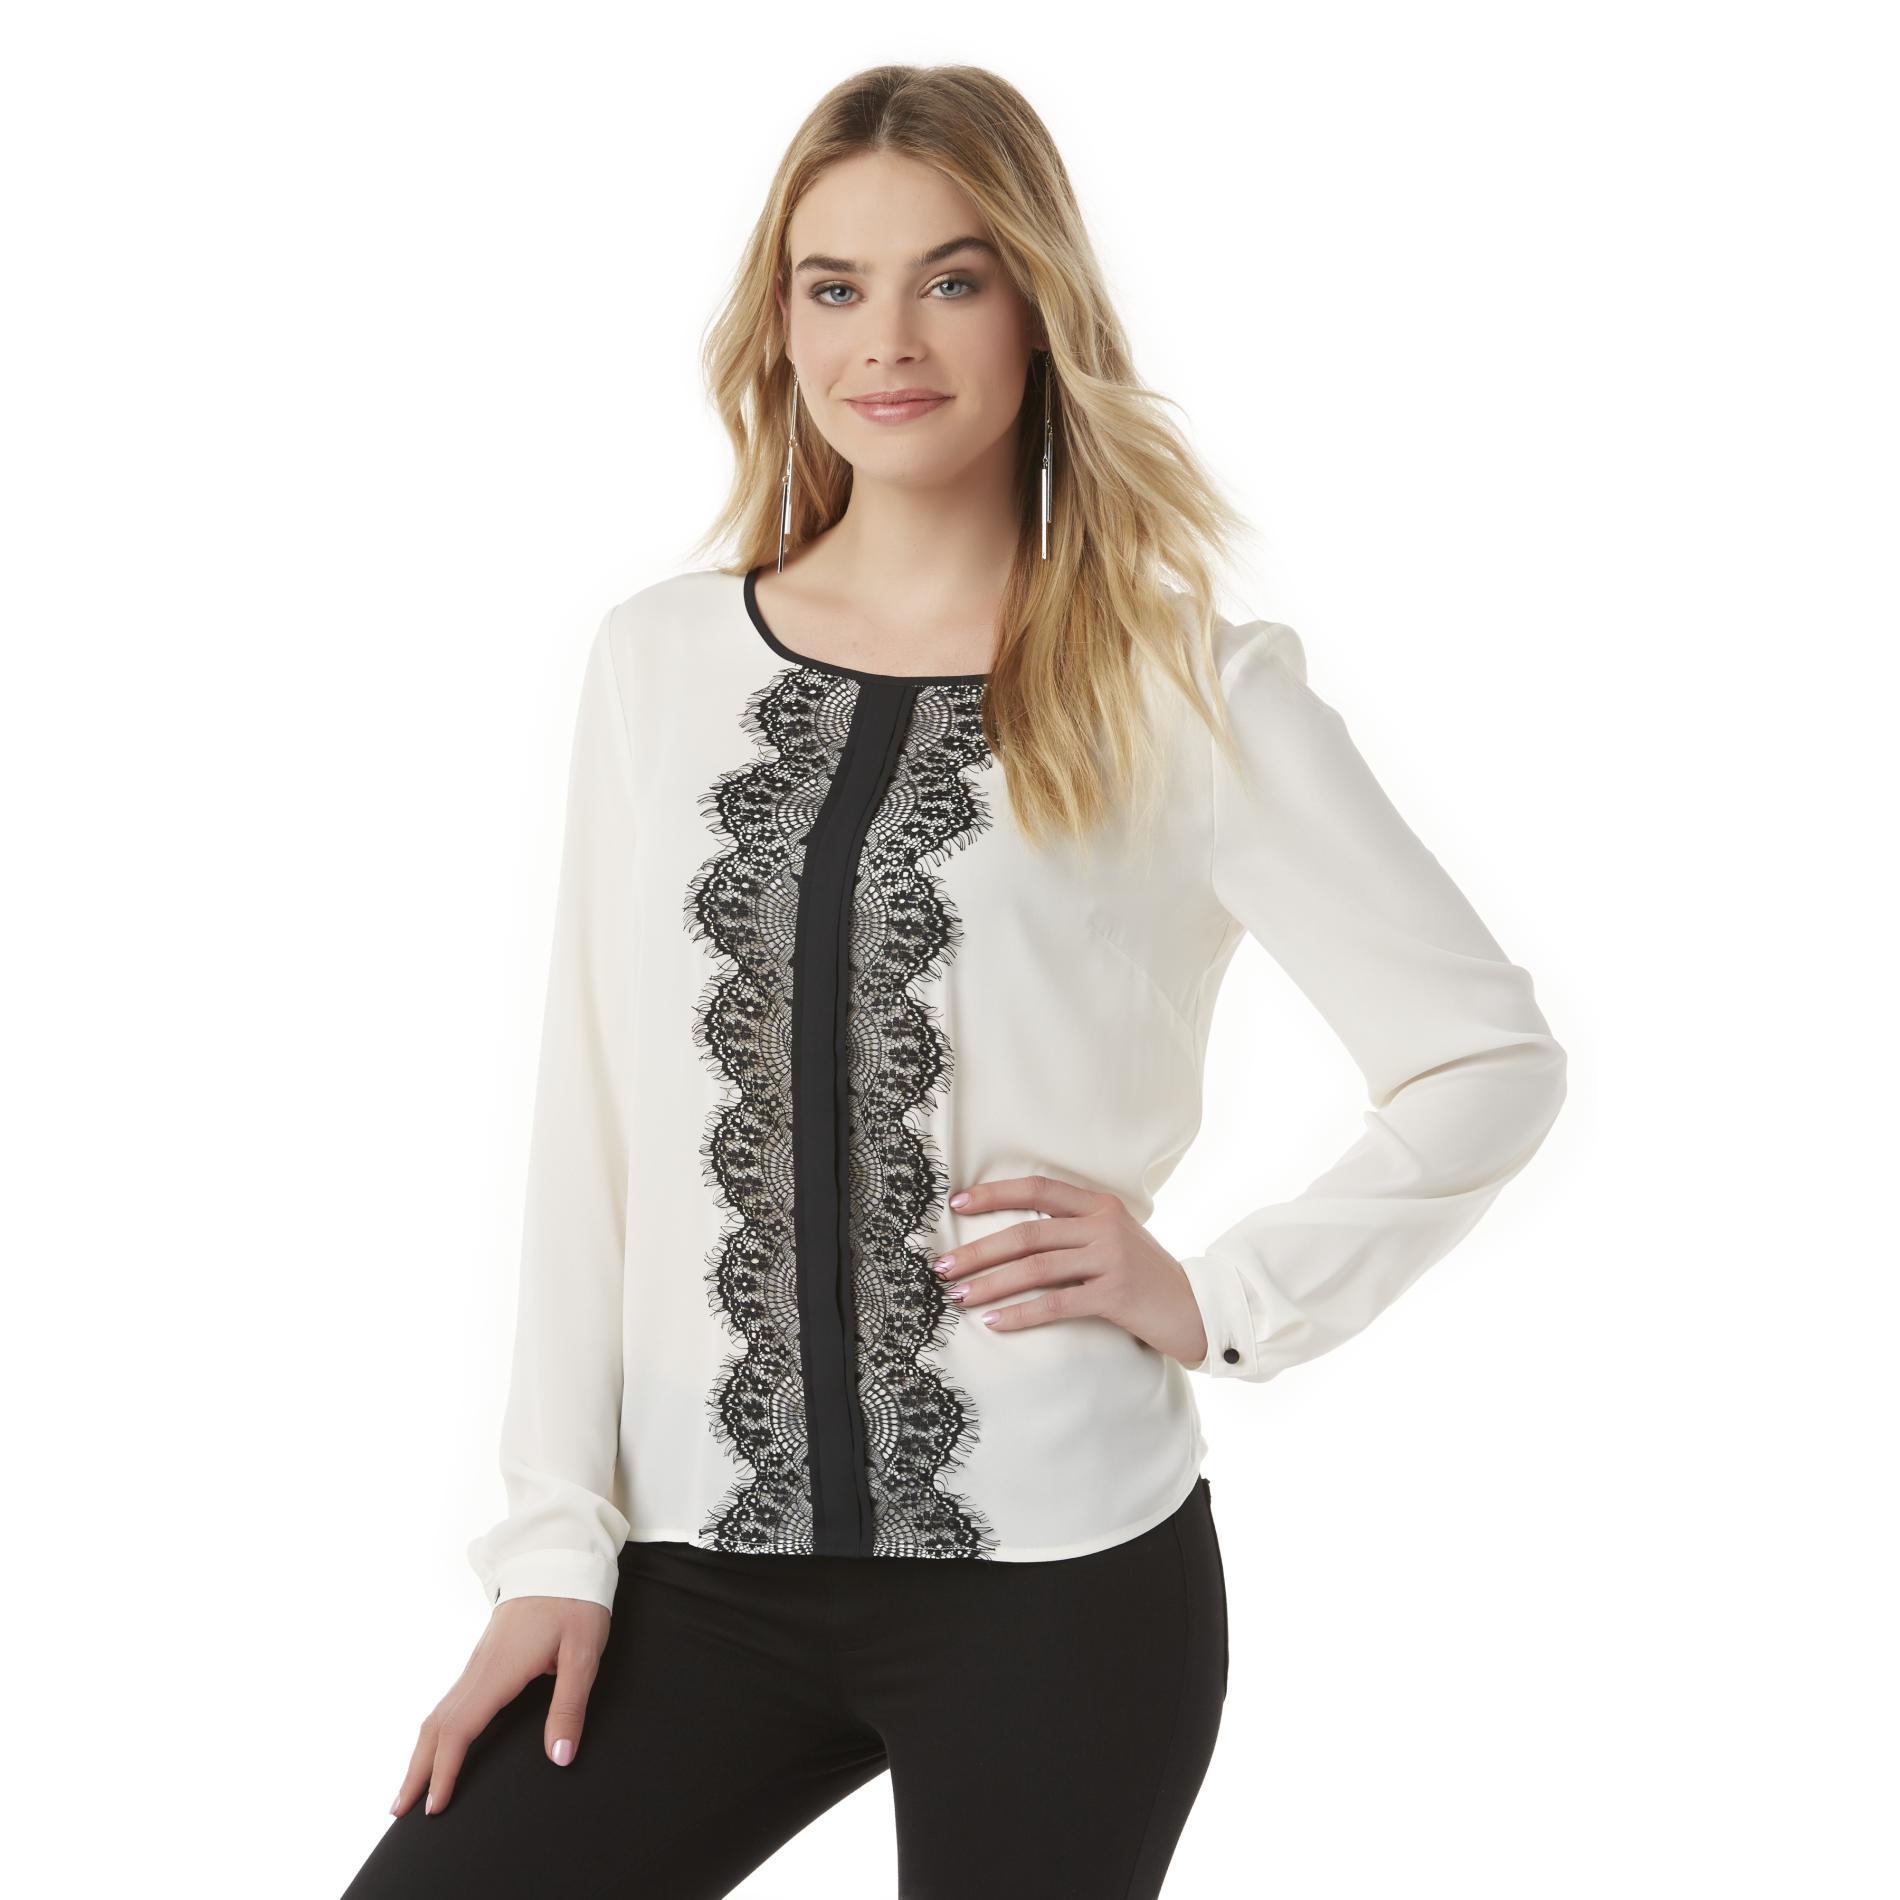 Women's Chiffon Blouse - Lace